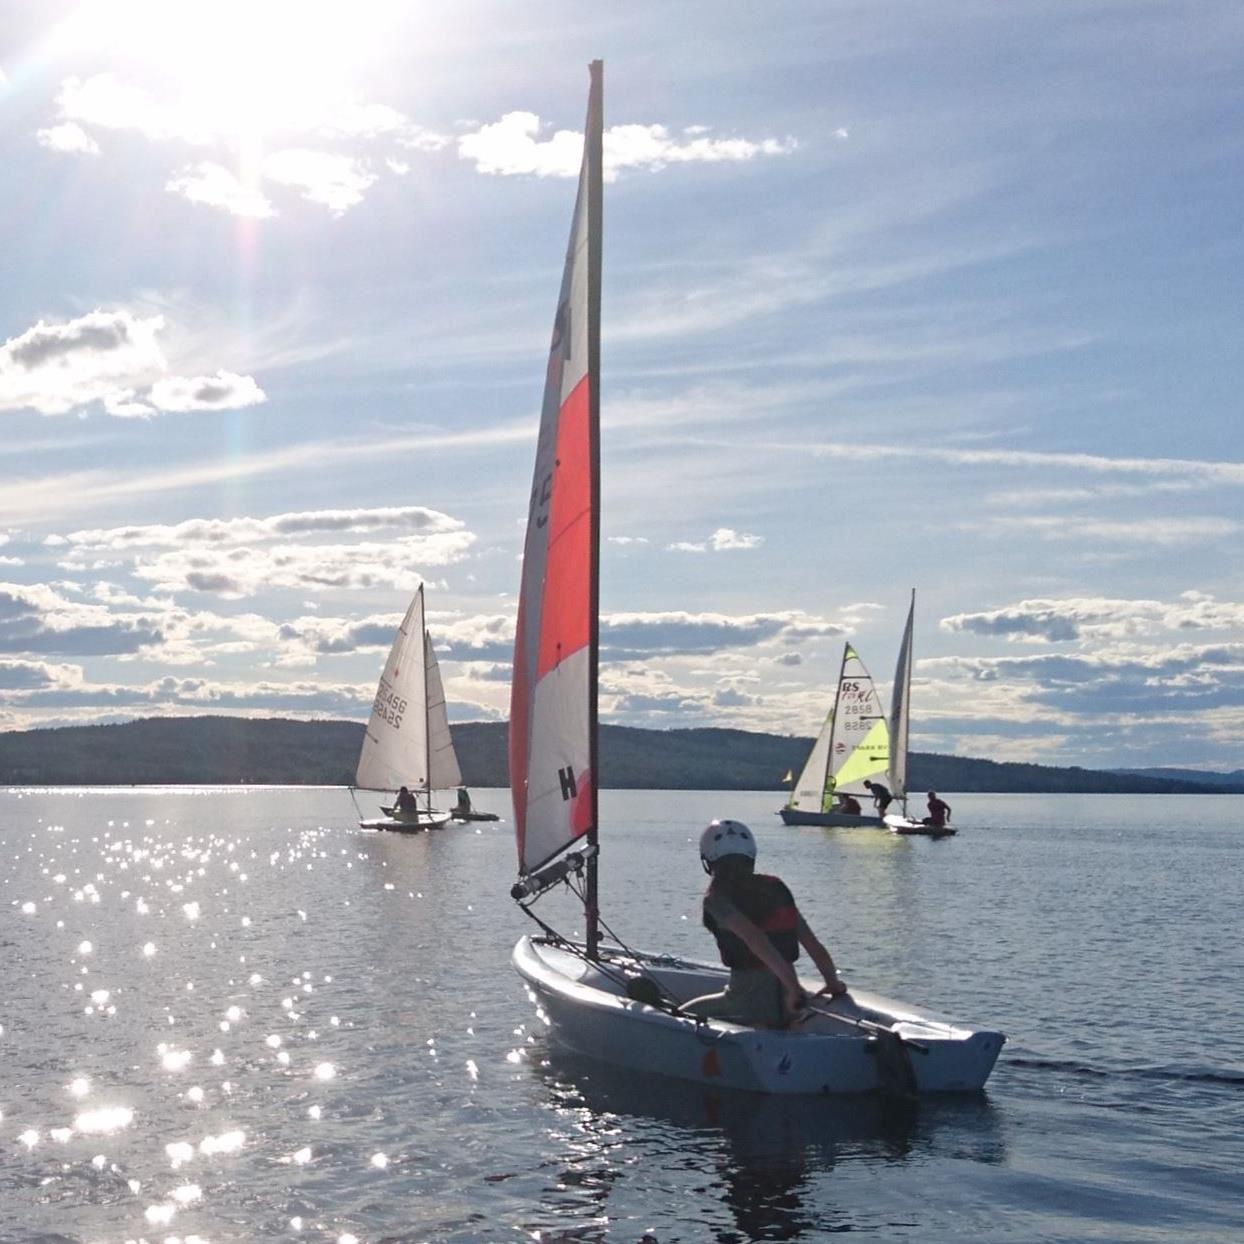 Prova på segling